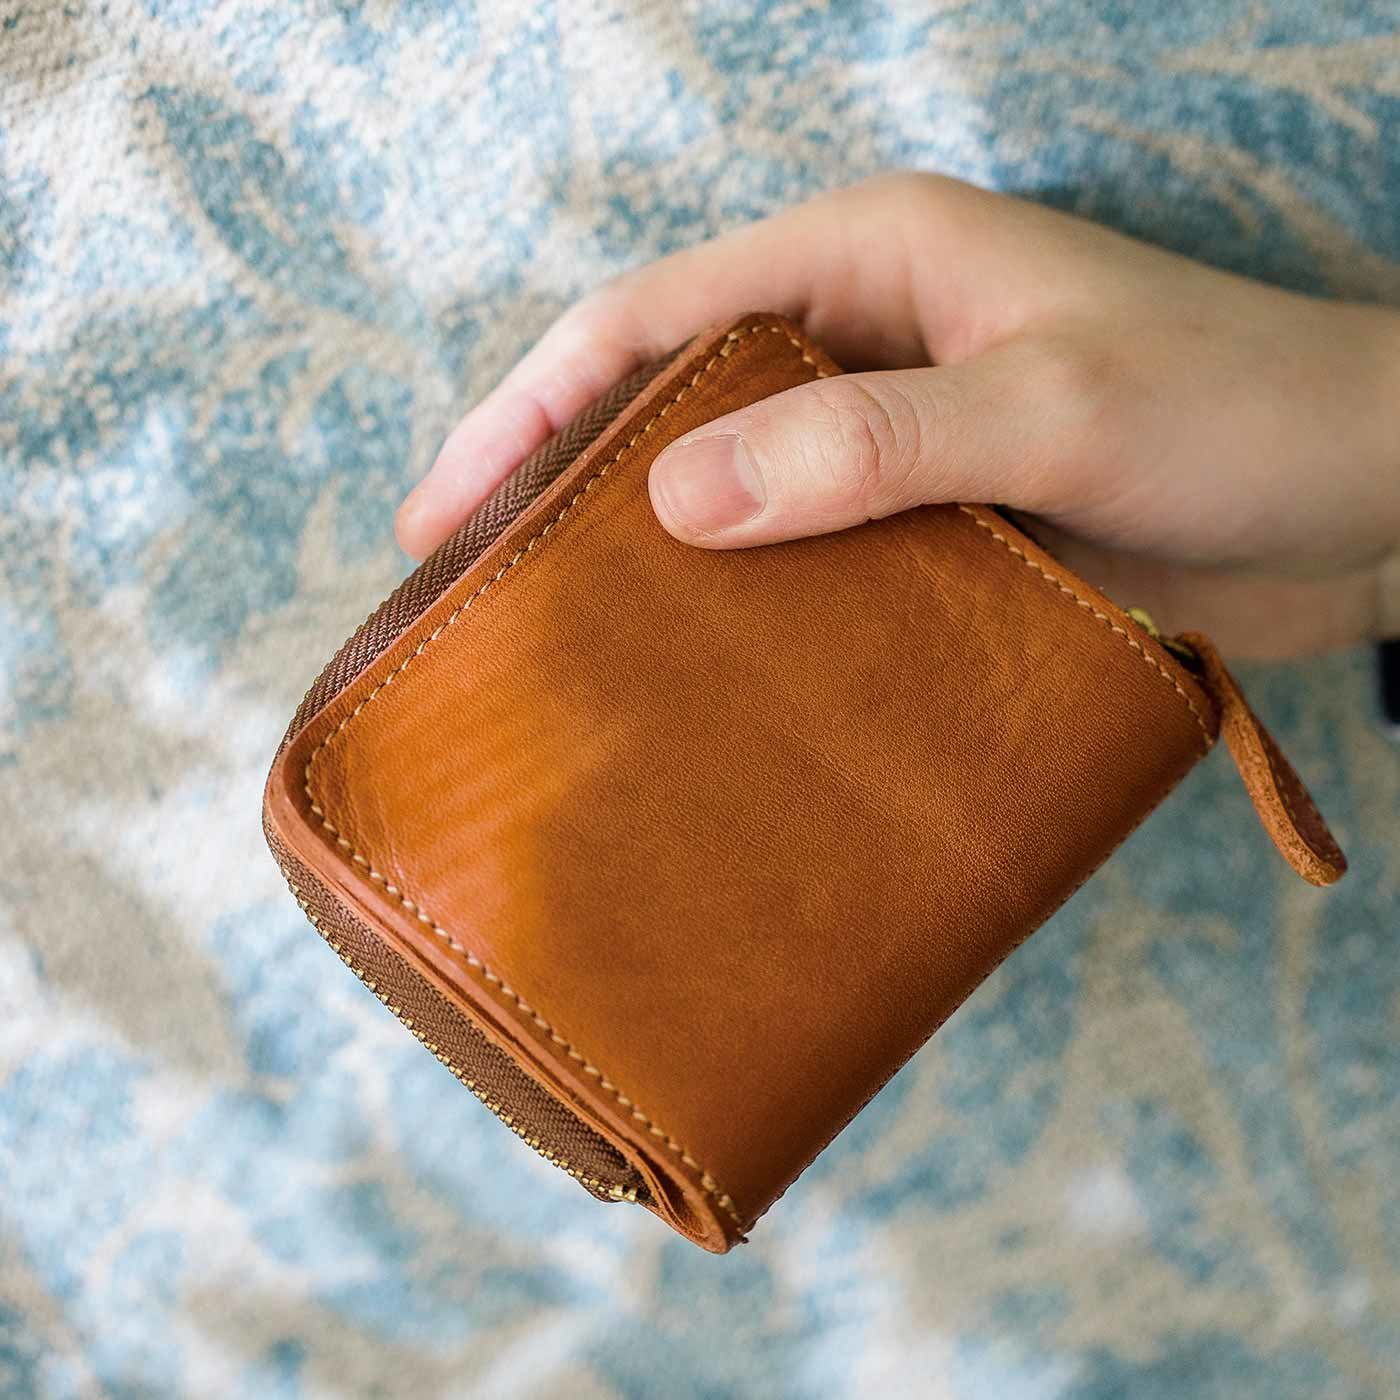 鞄(かばん)作家と作った ラウンドジップ本革折り財布〈キャメル〉[本革 財布:日本製]